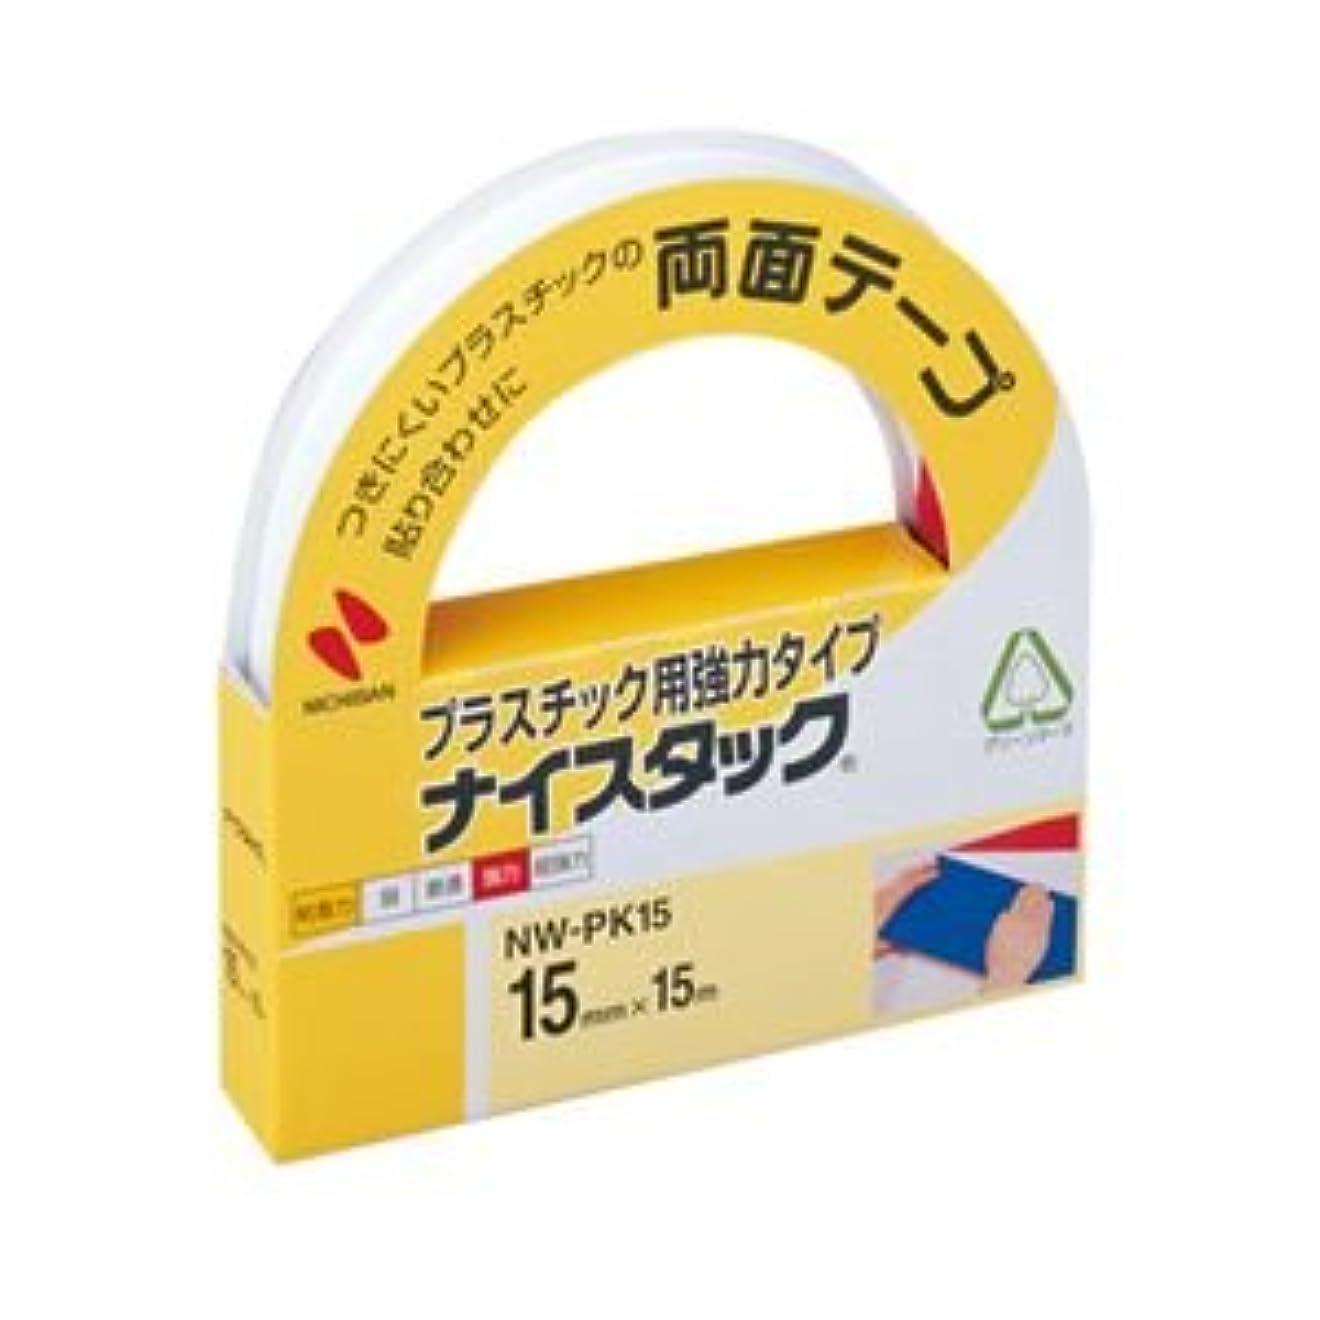 シェル届けるまたは(まとめ) ニチバン ナイスタック 両面テープ 強力タイプ プラスチック用 大巻 15mm×15m NW-PK15 1巻 【×10セット】 [簡易パッケージ品]